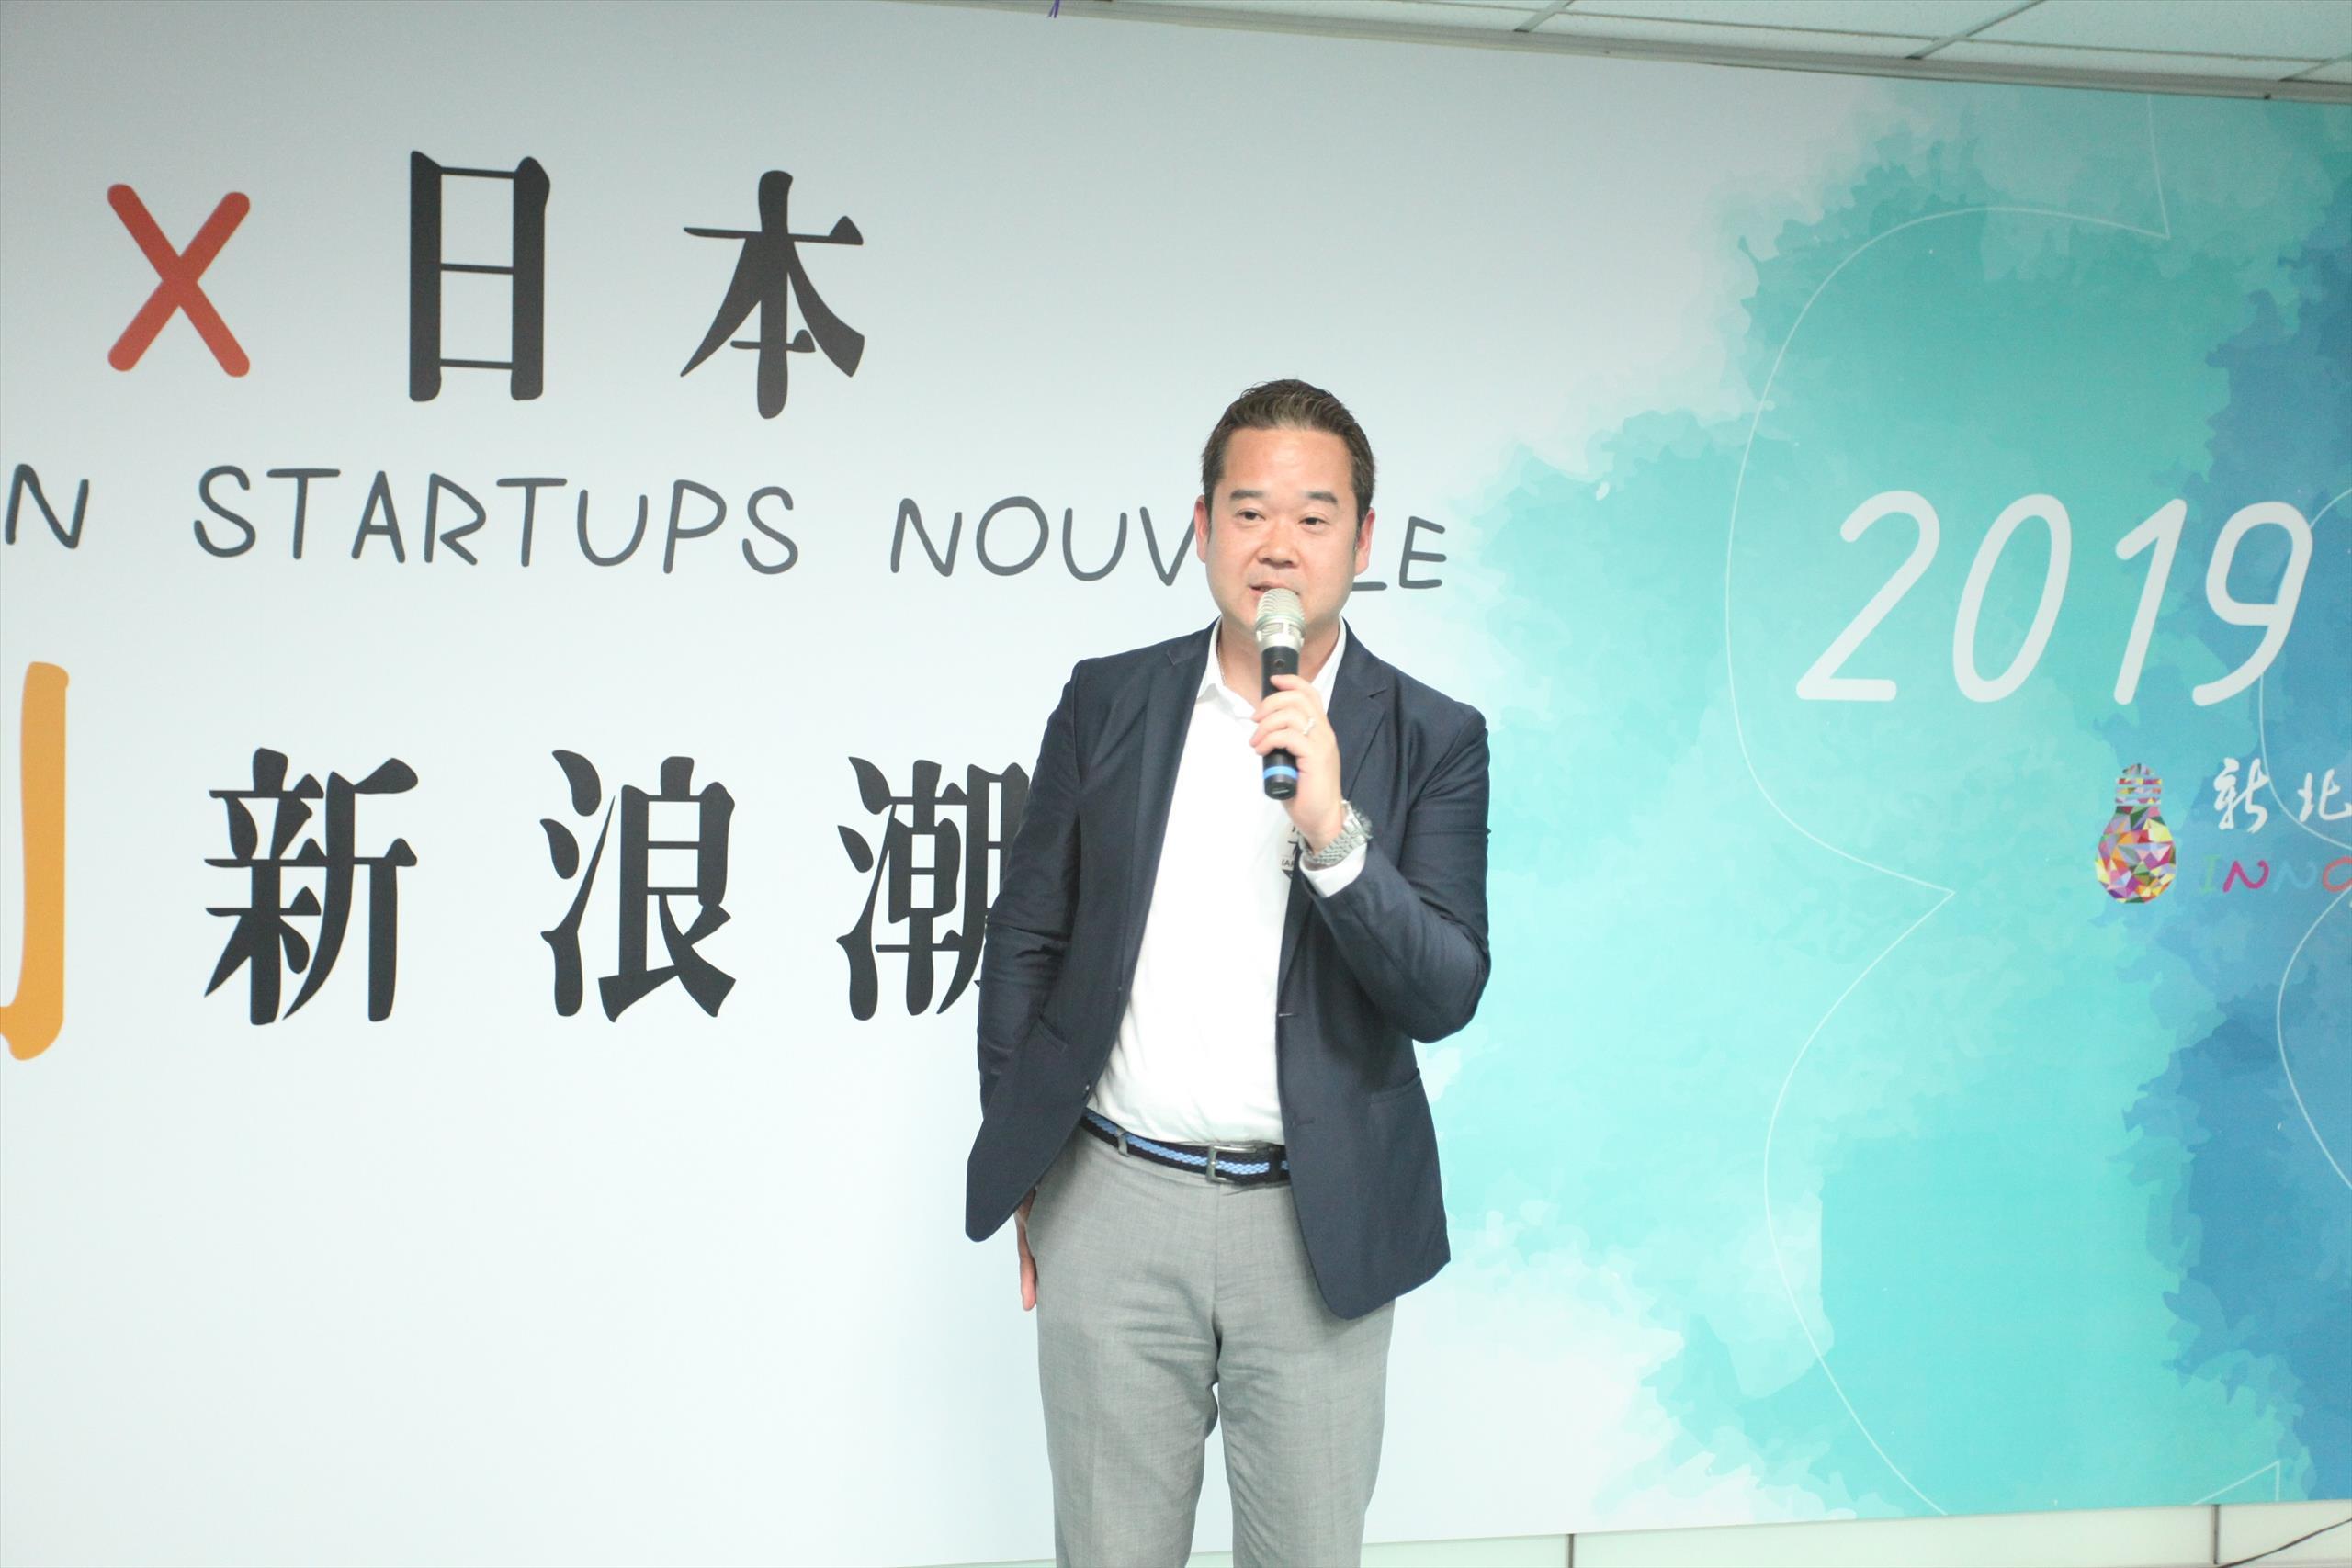 接軌日本創新創業能量  新北創力坊掀「台日新創新浪潮」